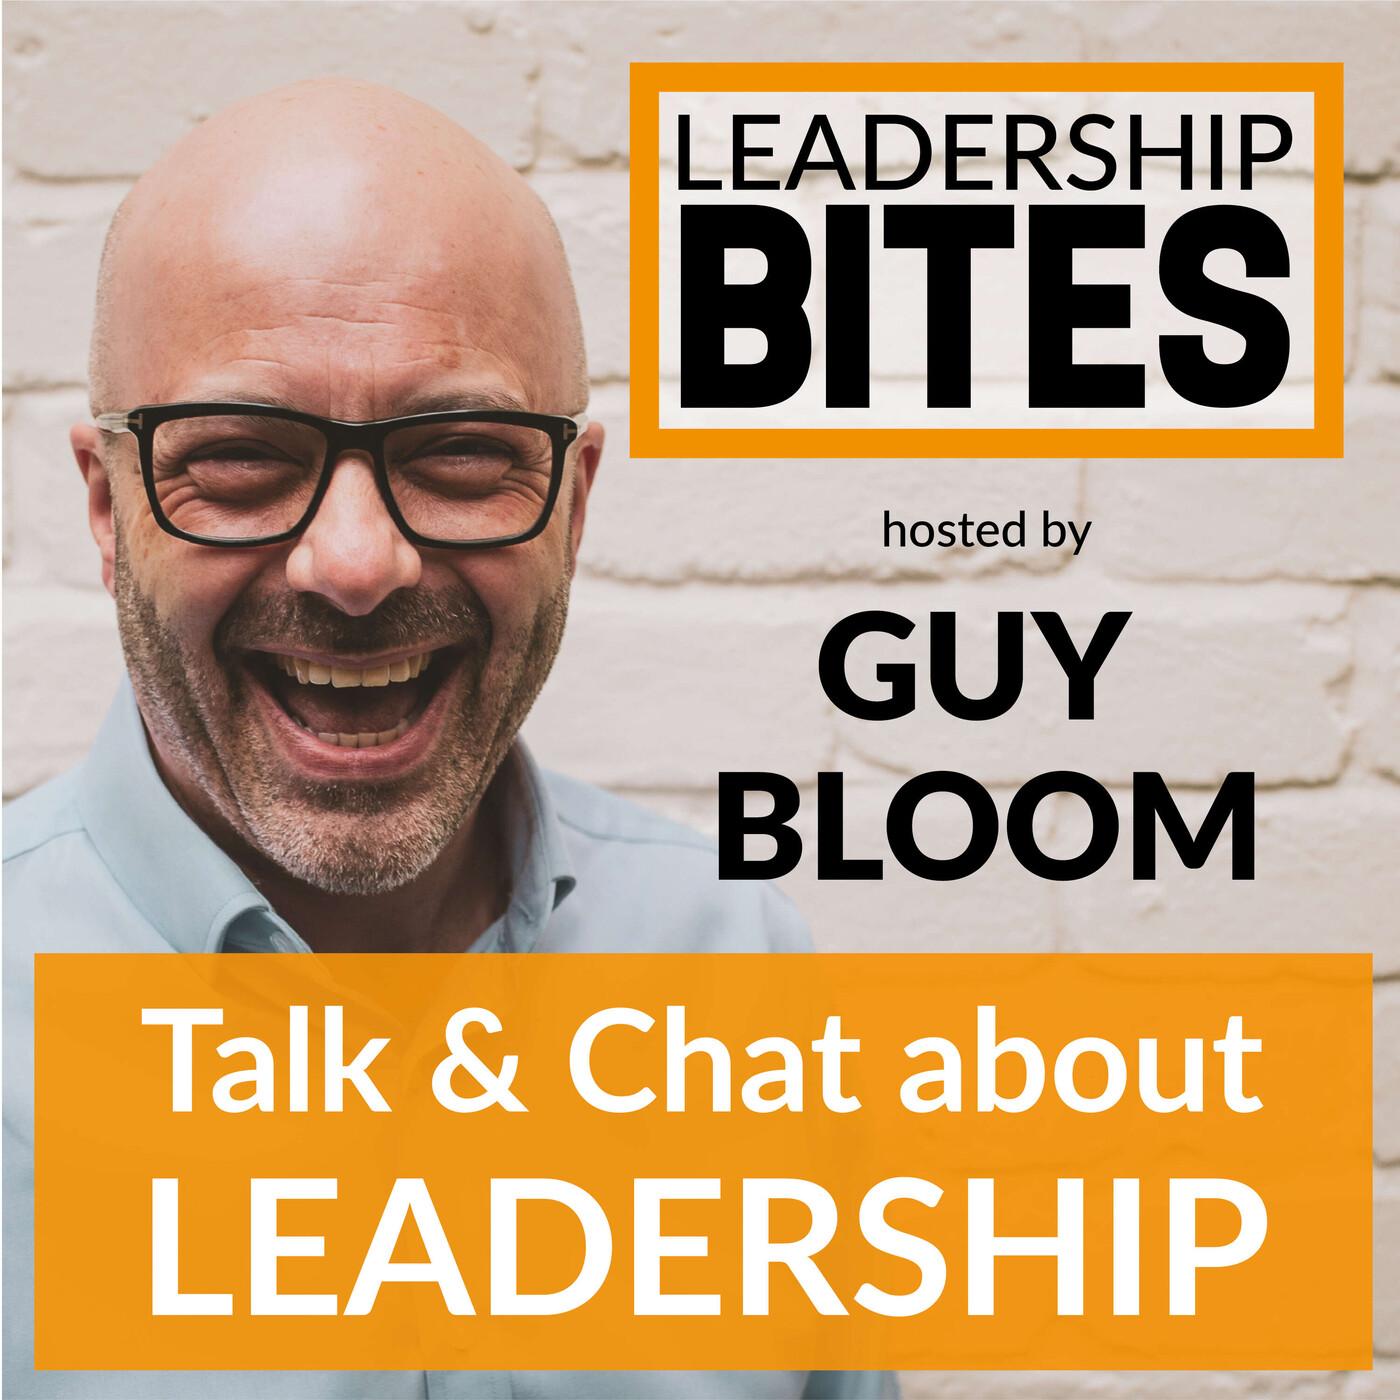 Guy Bloom